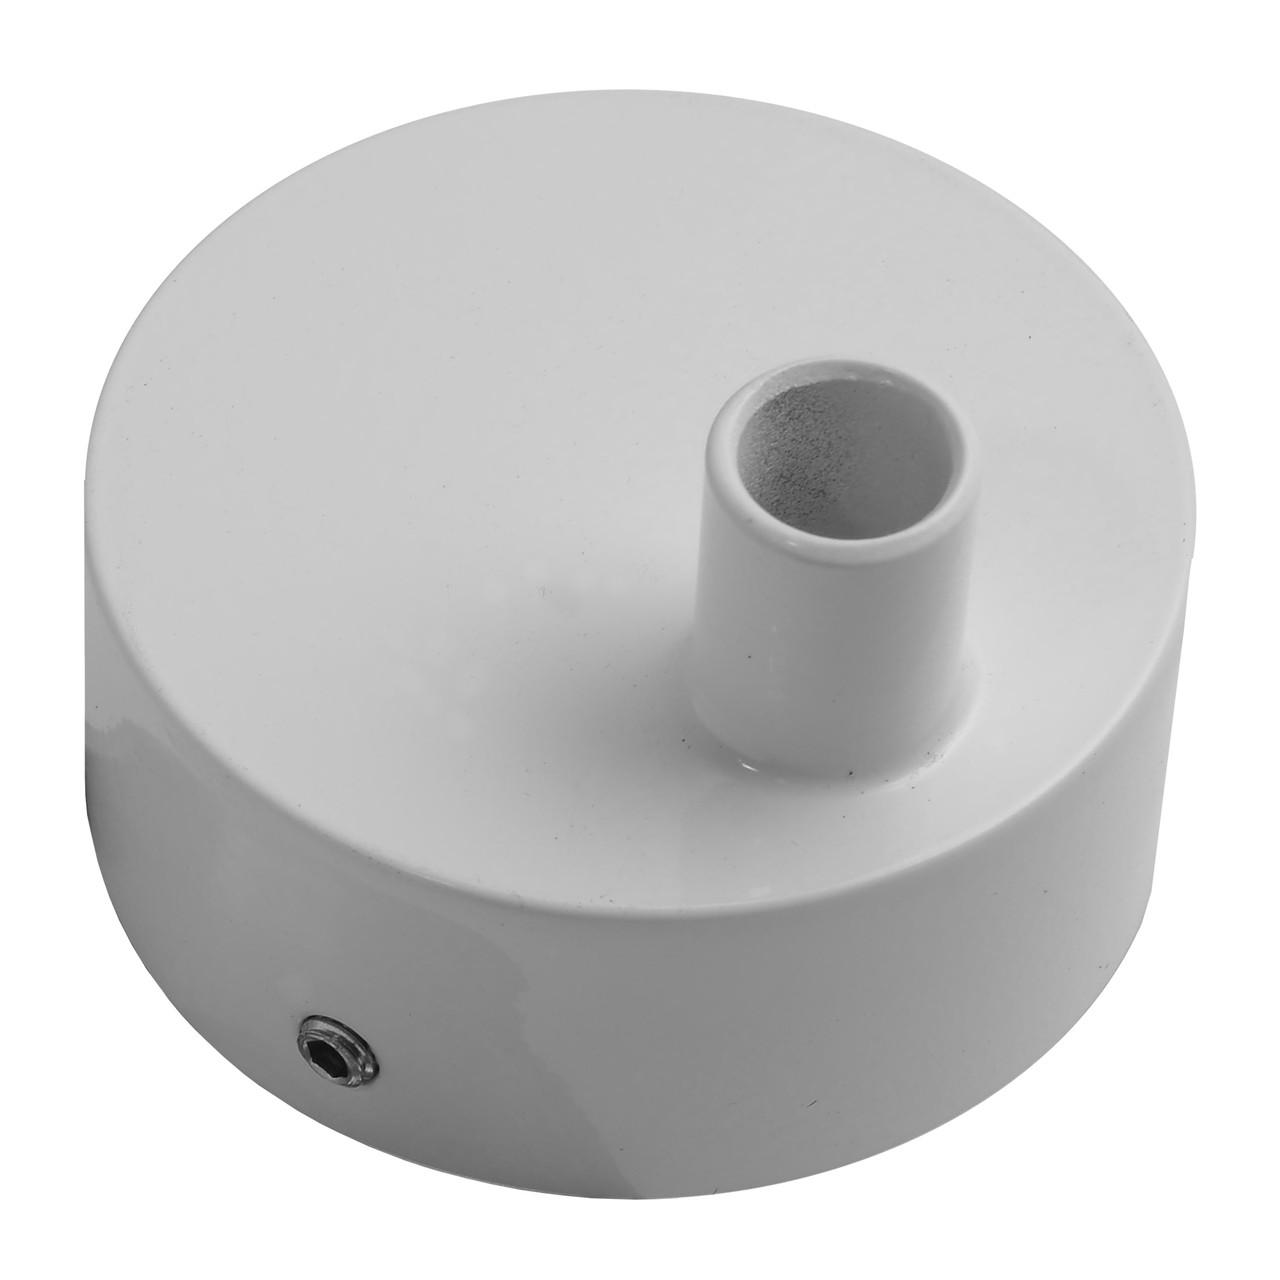 Коробка для скрытого подключения полотенцесушителя, белая 20-122040-6060